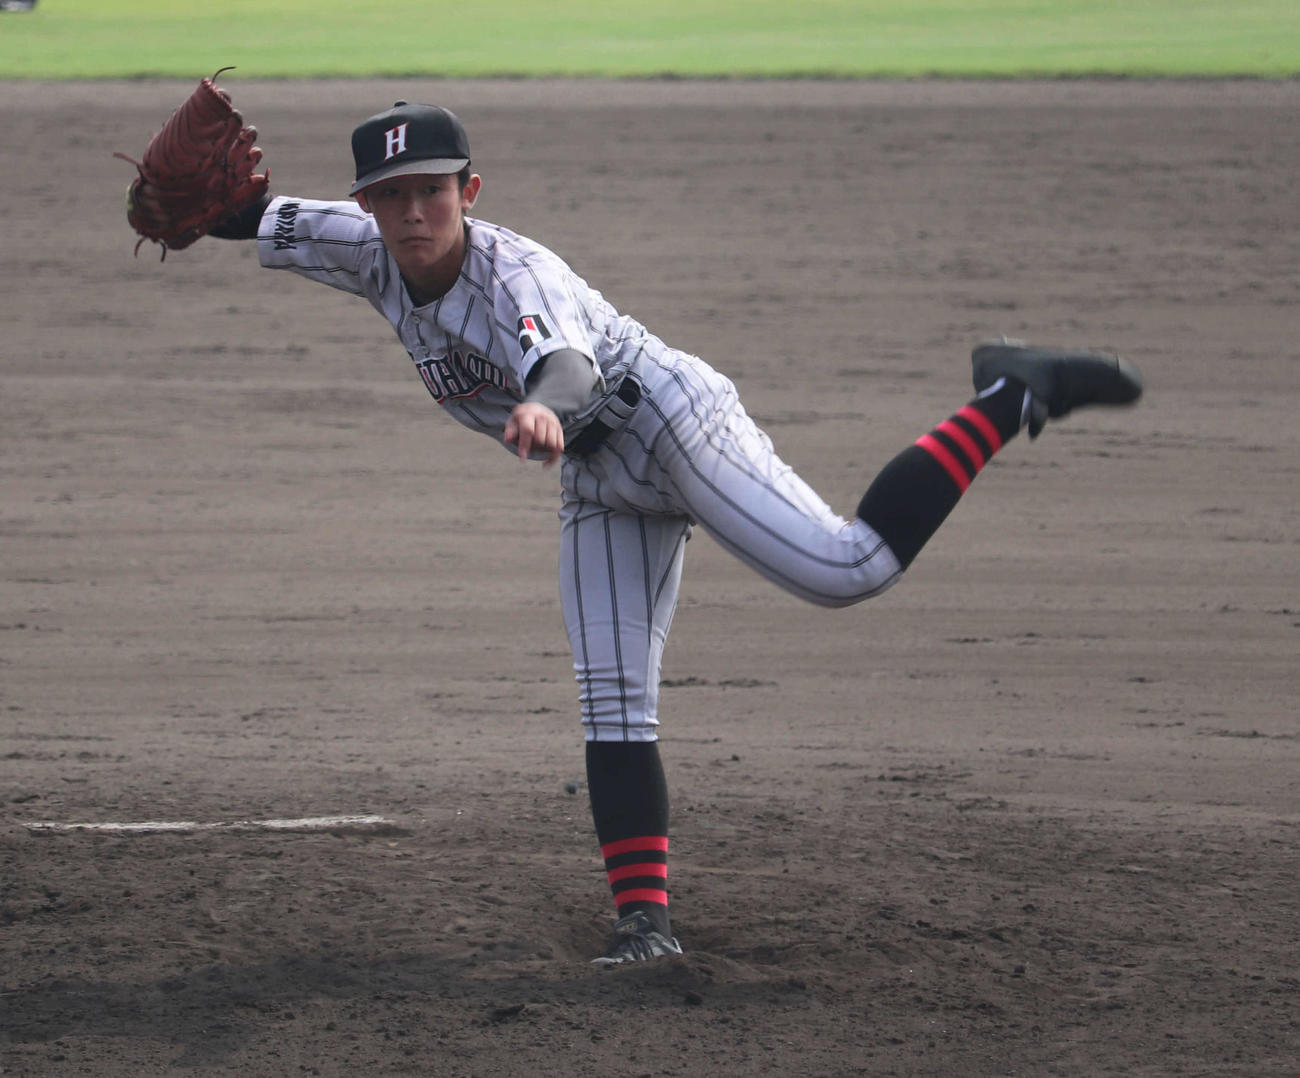 9回5安打9奪三振で1失点完投した初芝橋本・森田